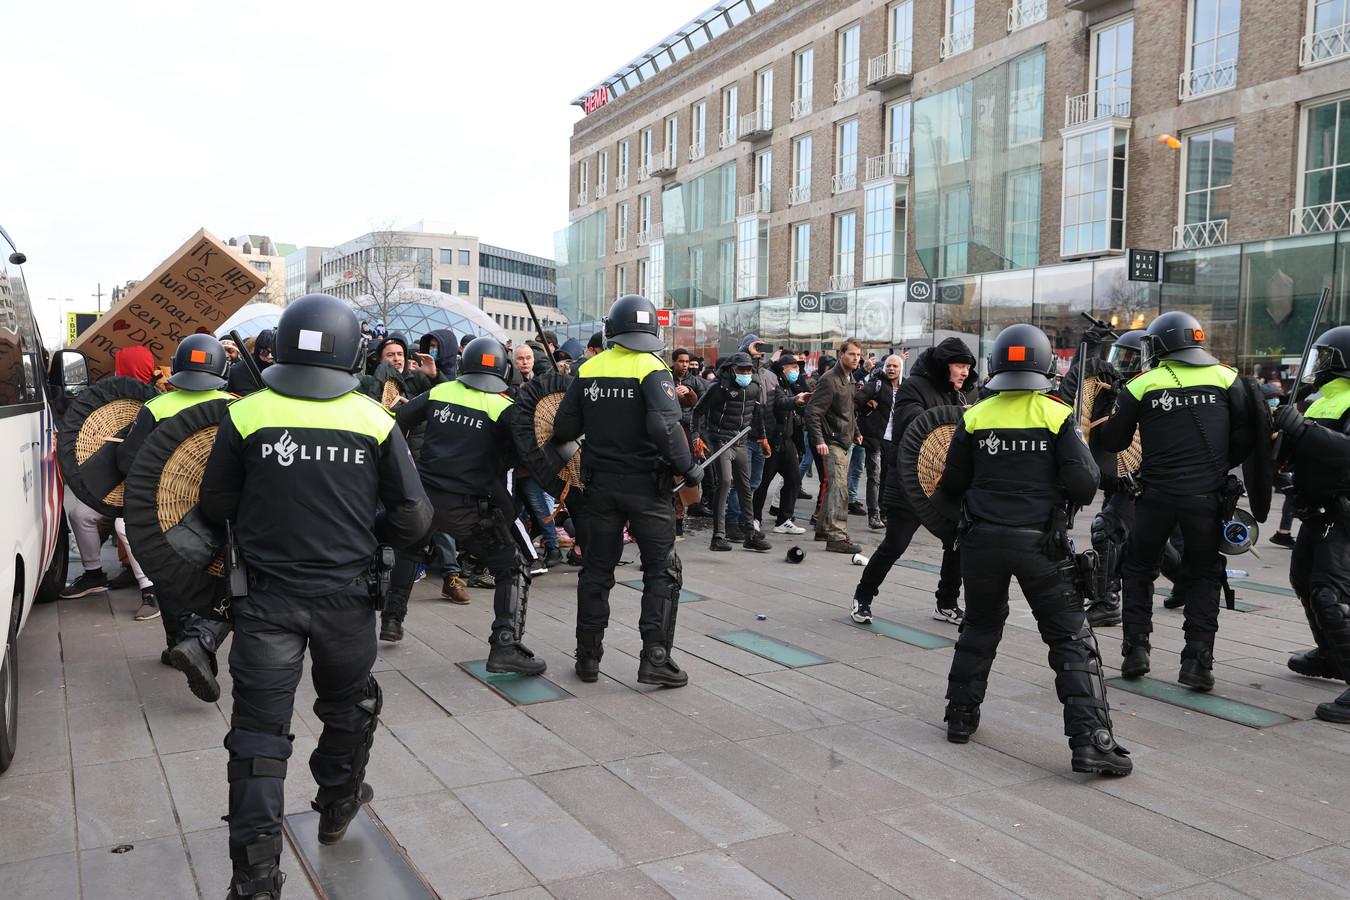 De rellen in Eindhoven. Relschoppers kregen celstraffen. Een van hen vertelt over zijn tijd in de gevangenis.